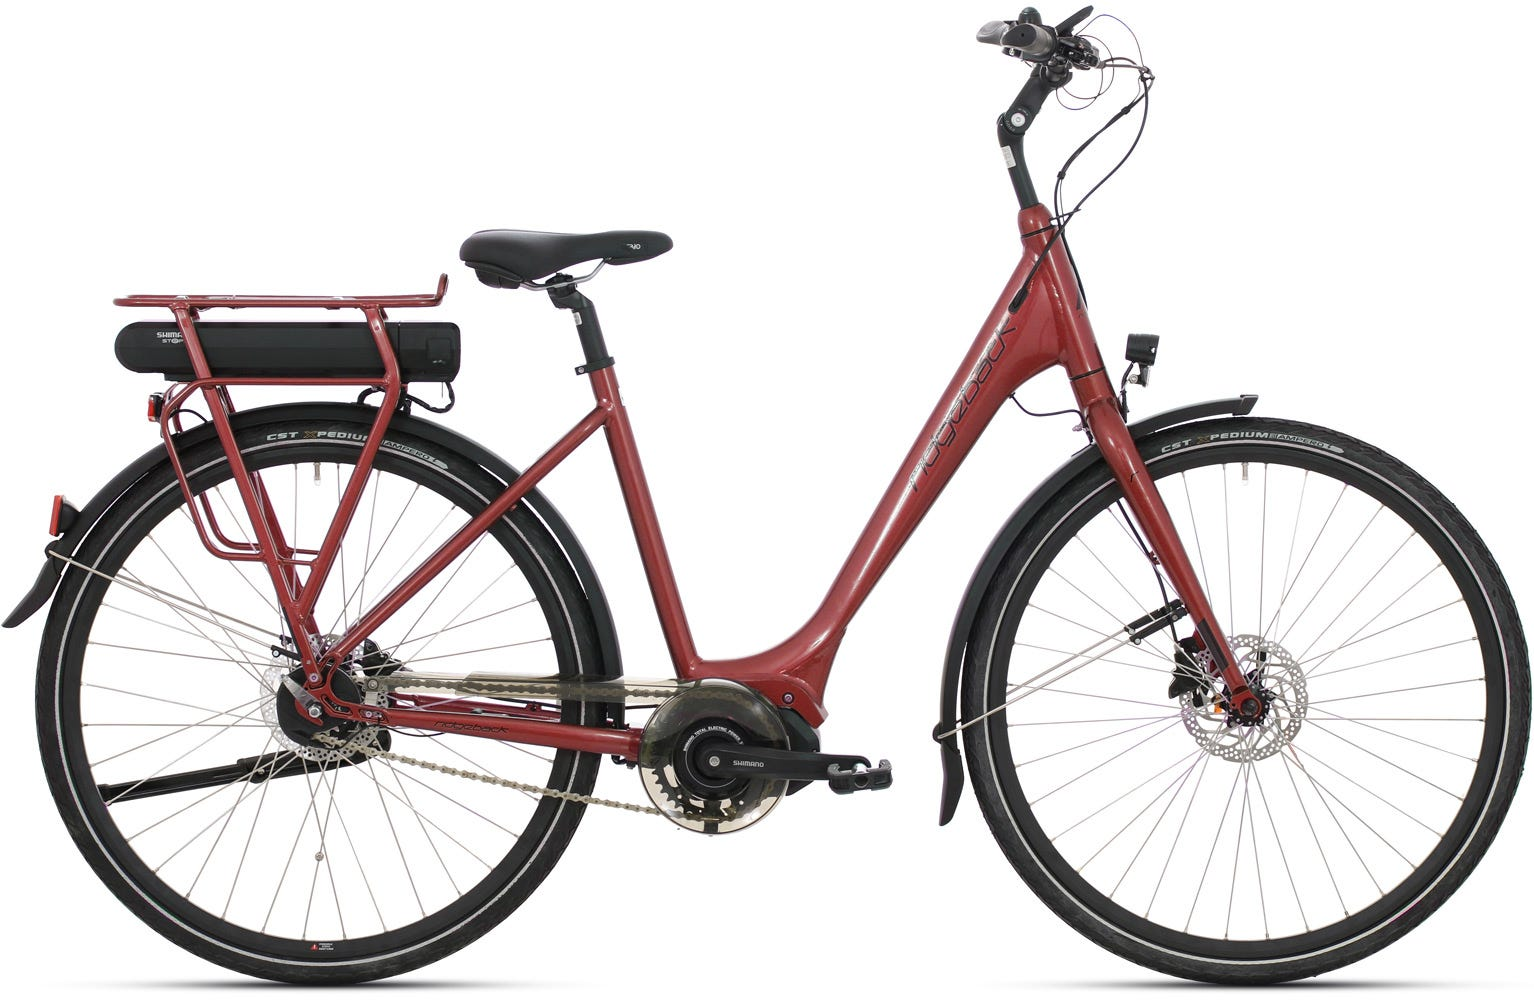 Ridgeback Electron DI2 X-Large bike